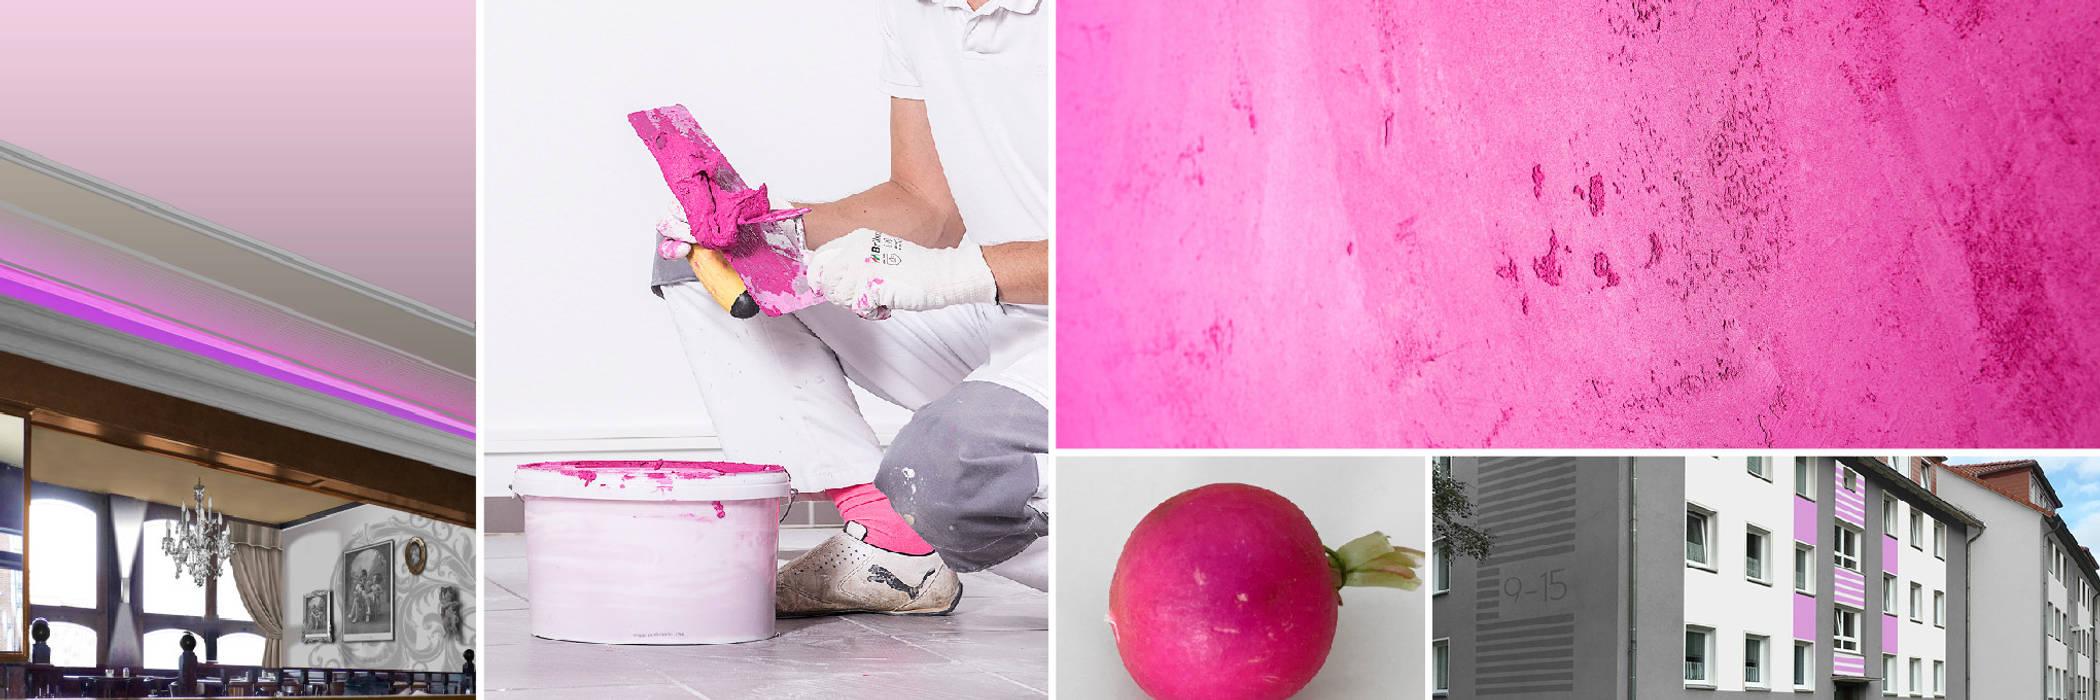 FARBCOMPANY Dinding & Lantai Gaya Eklektik Pink